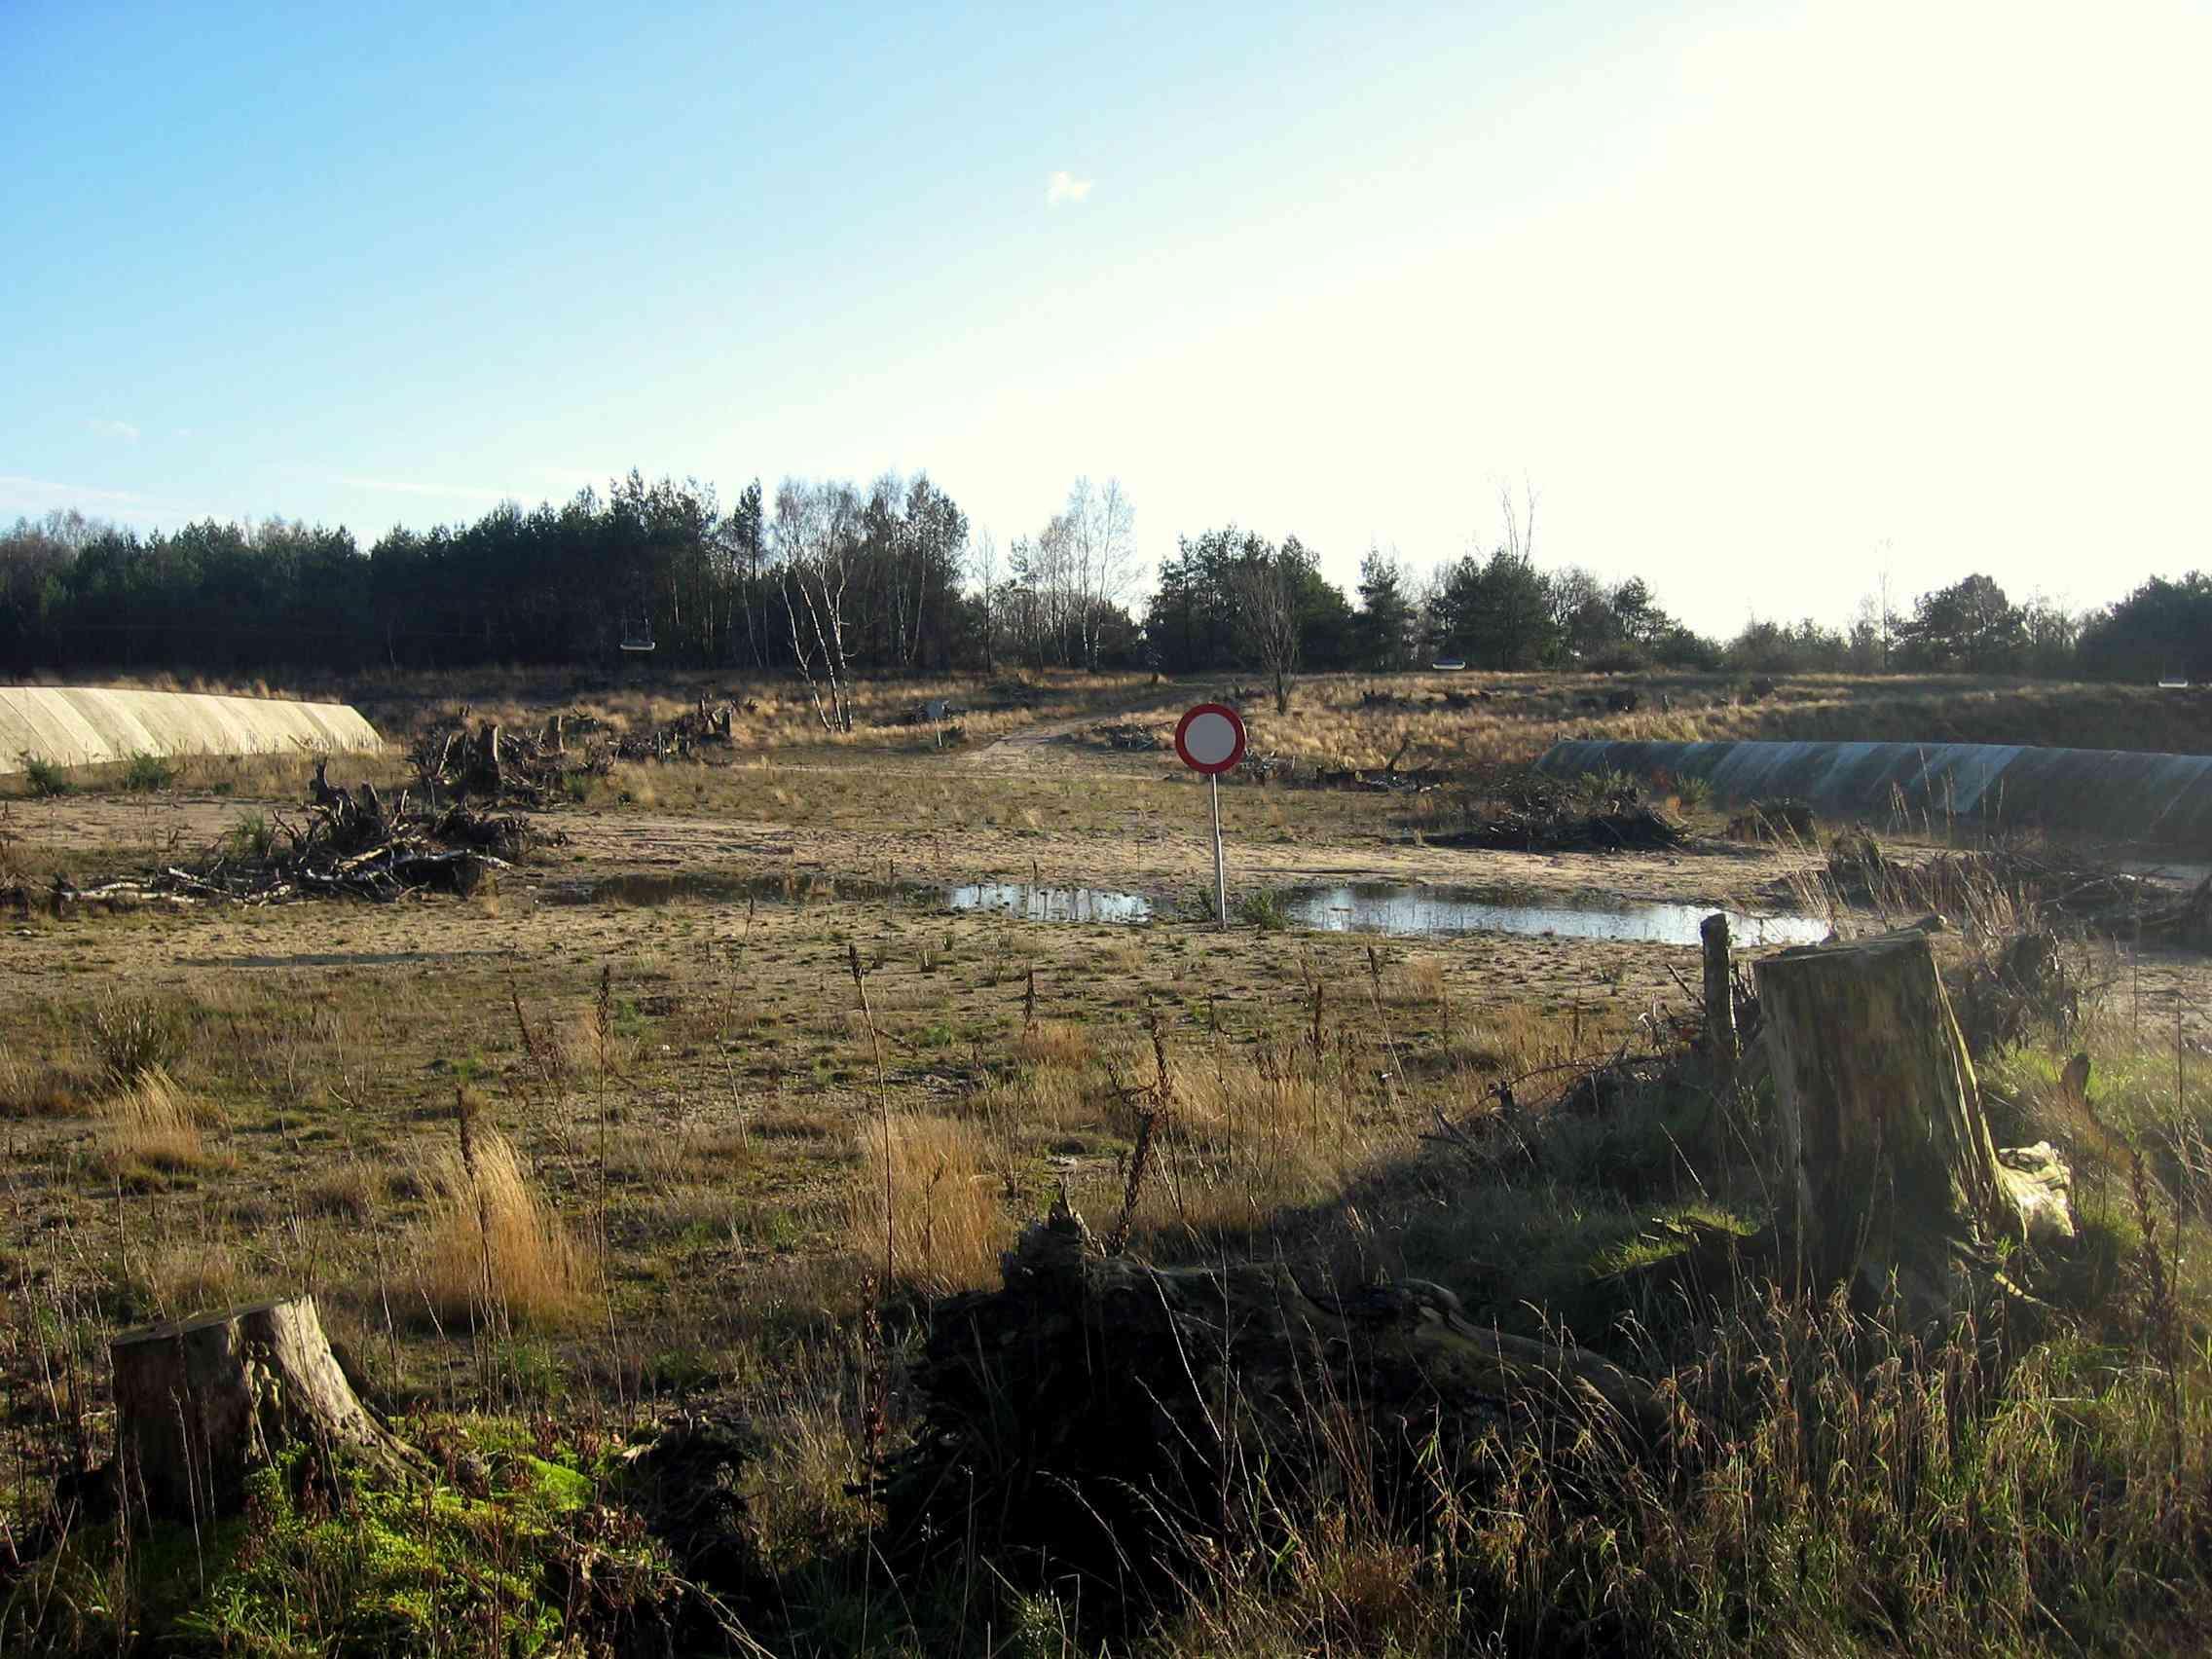 Wildlife overpass in Leusderheide, Netherlands